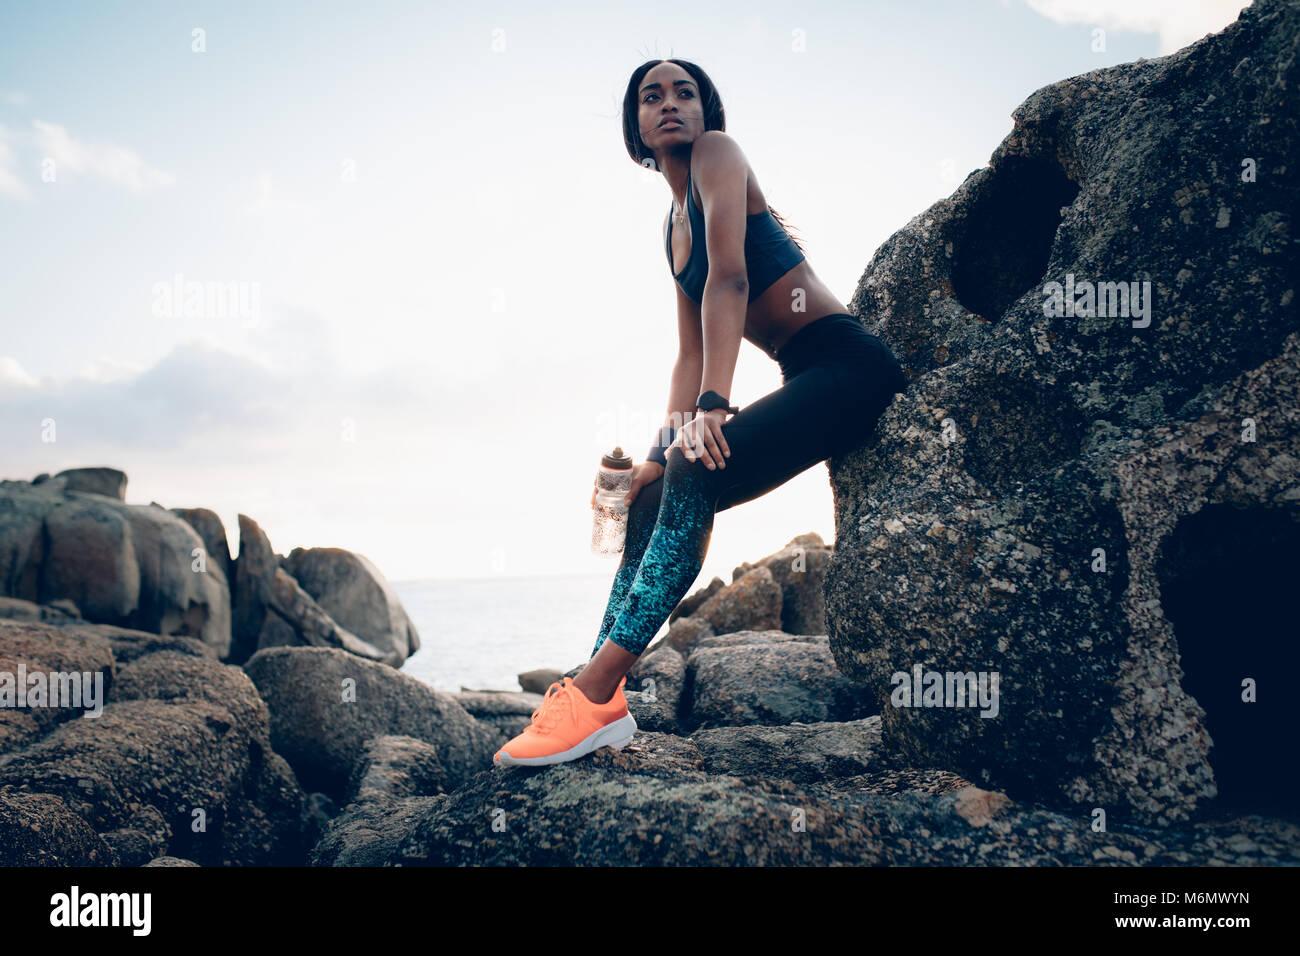 Gesunde afrikanische Frau mit einer Flasche Wasser sitzen über einen Felsen. Weibliche Entspannung nach dem Stockbild